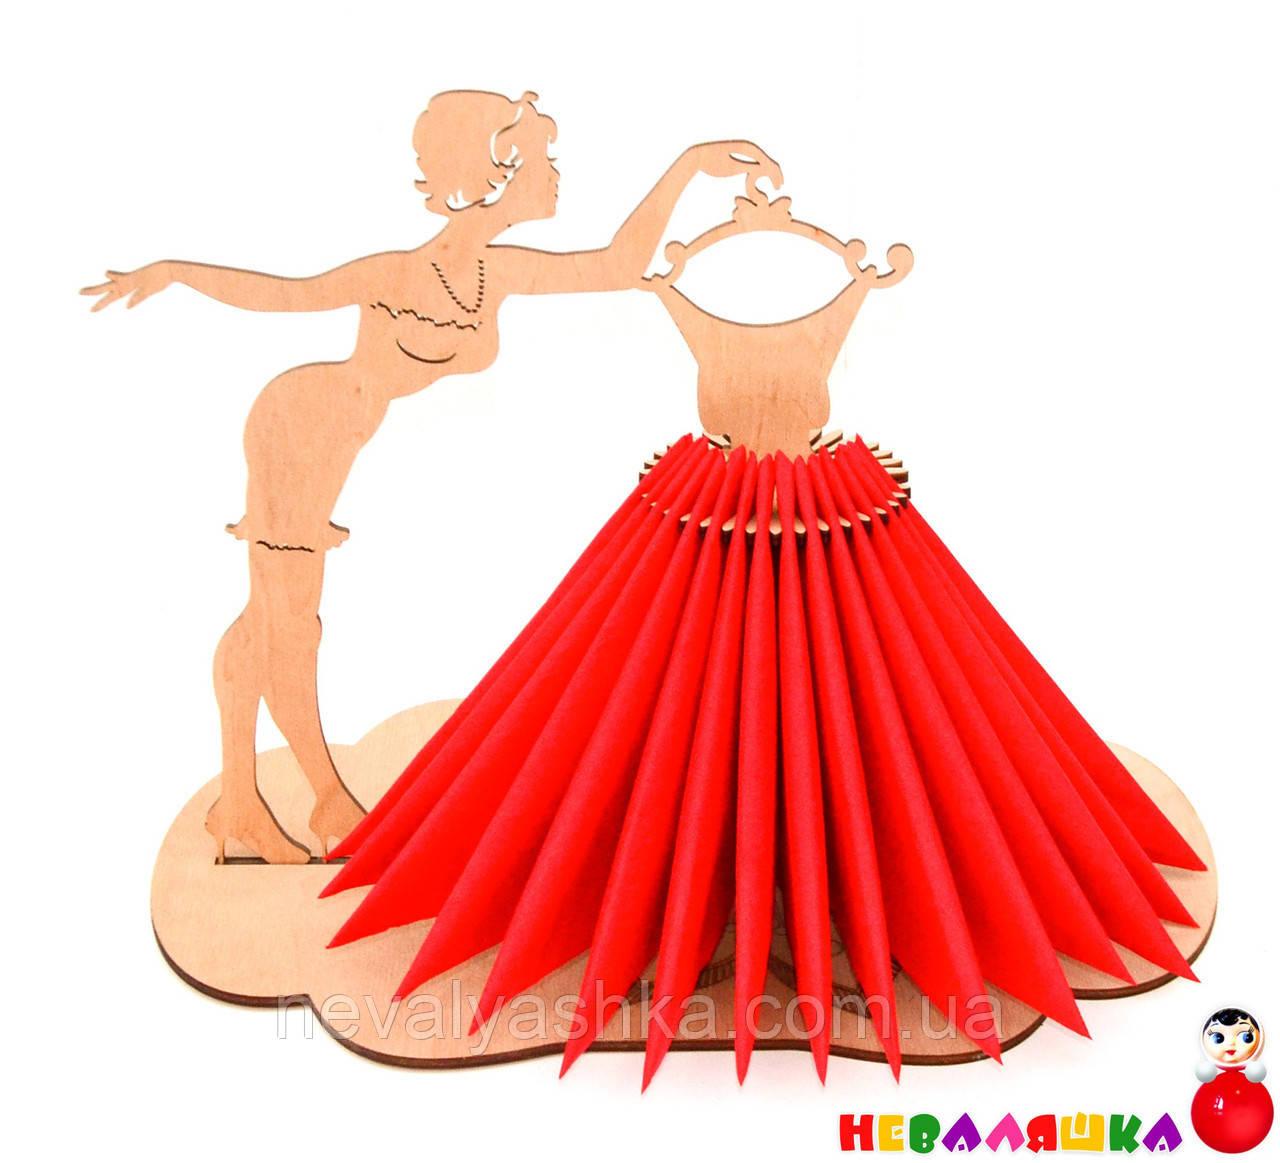 Деревянная Салфетница Девушка с Вешалкой в платье из салфеток подставка дерев'яна серветниця из дерева